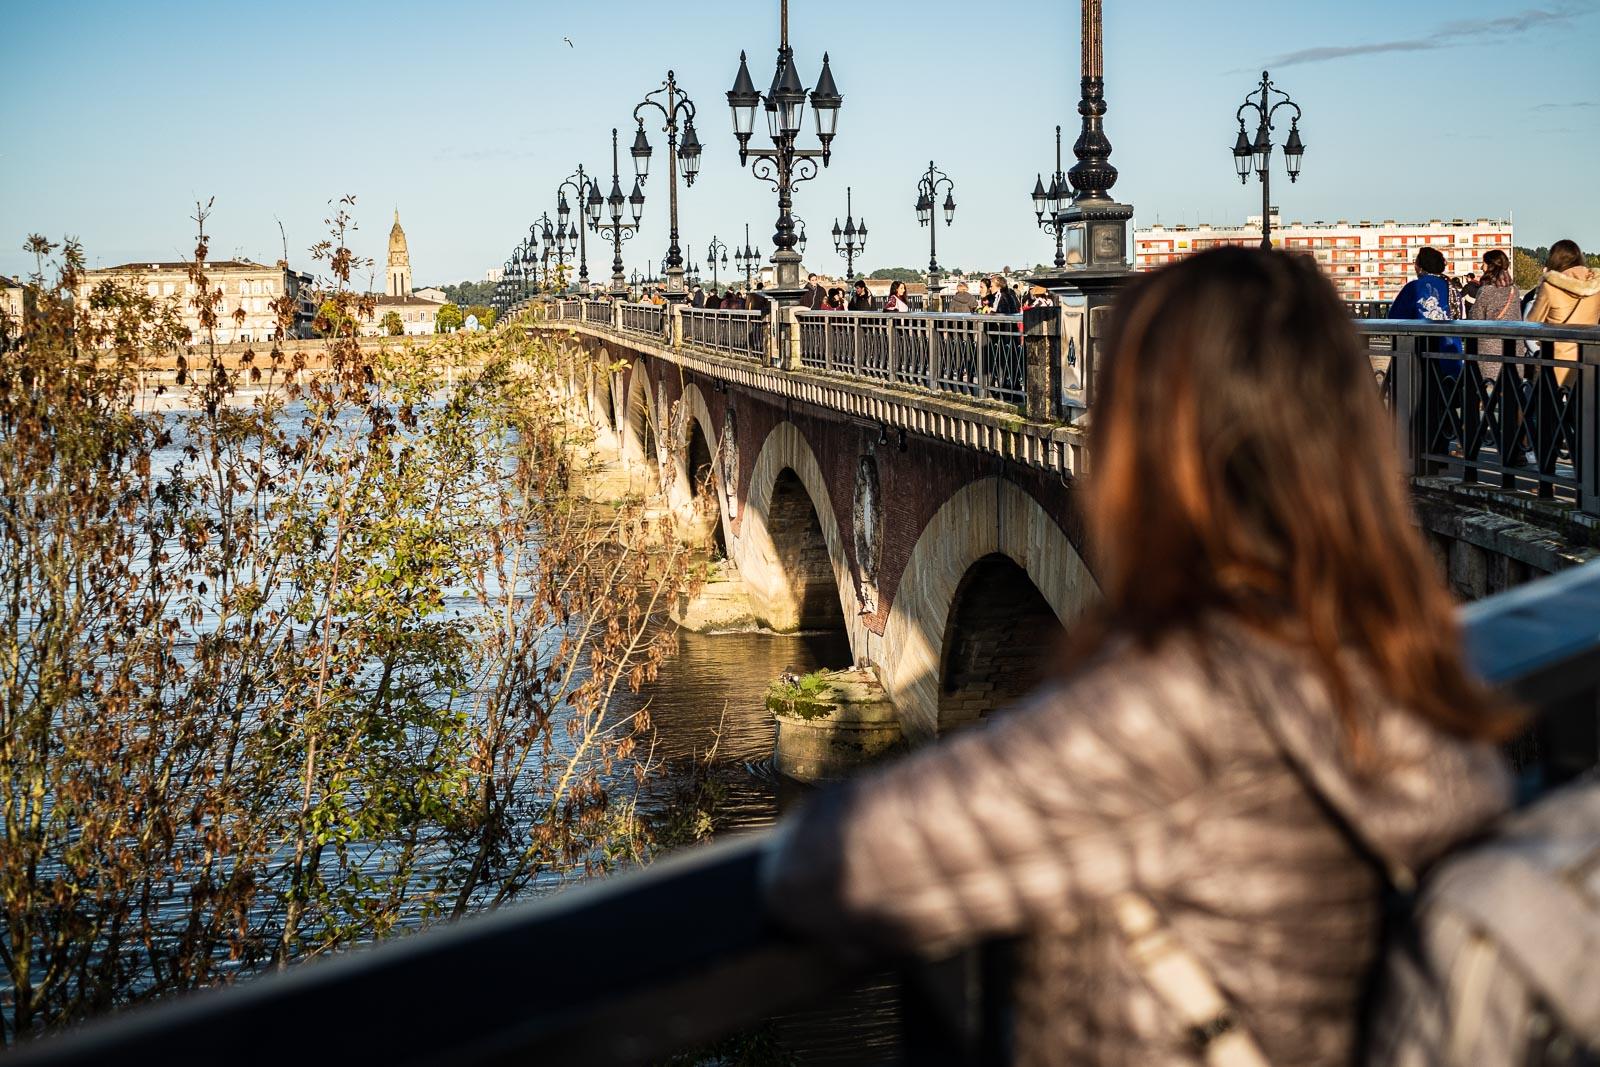 Balade tour des ponts de Bordeaux